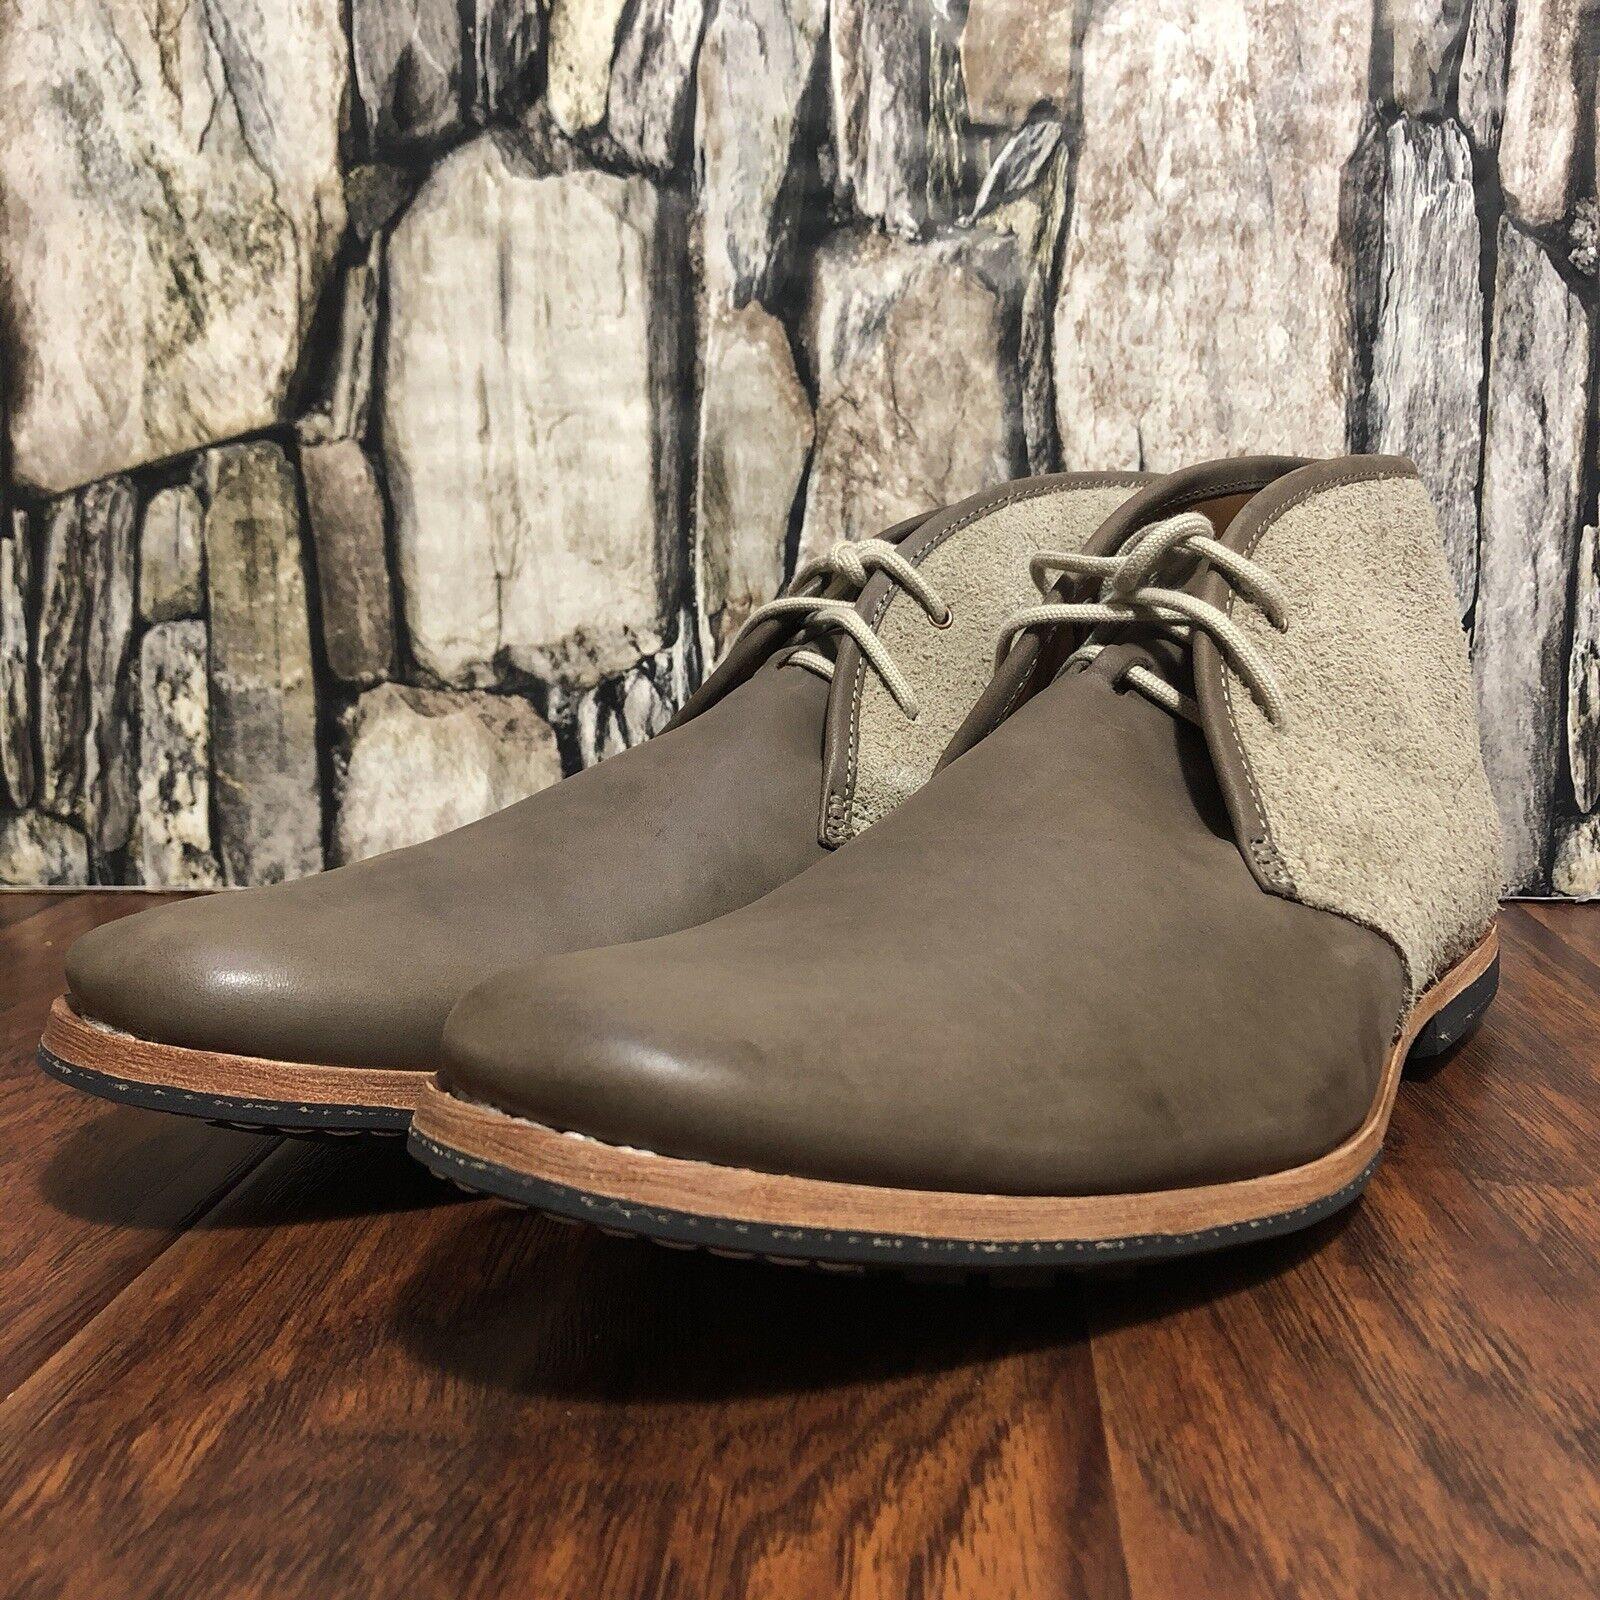 75008154c01600 Steve Steve Steve Madden Men s IVON Chukka Boot NIB Grey Leather Size 17   100 New!